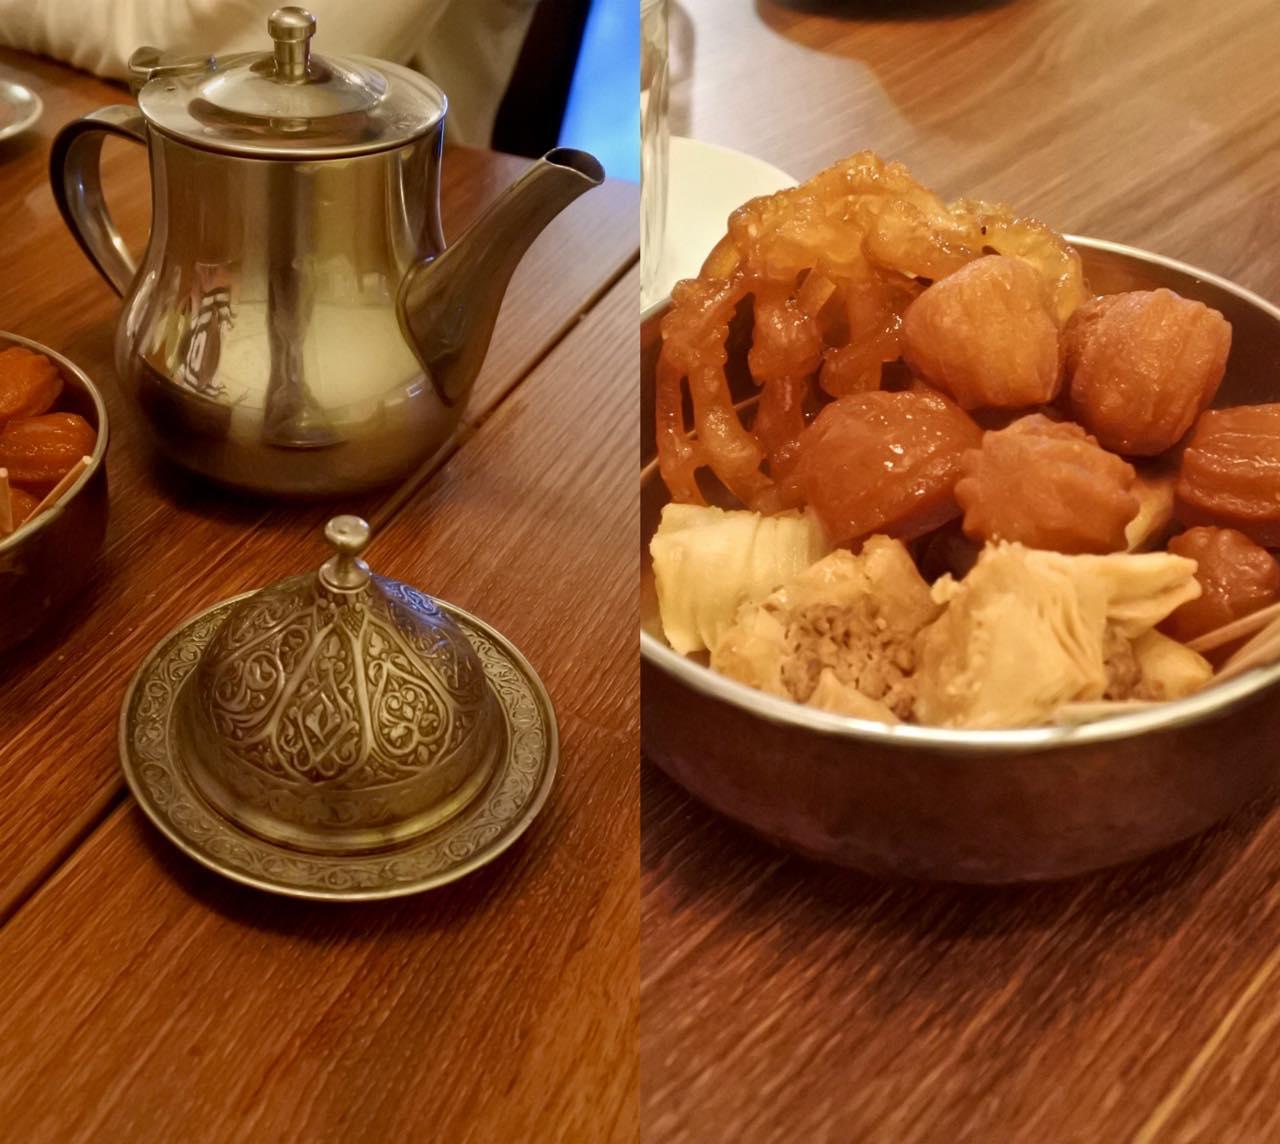 小麦粉の揚げ菓子シロップがけ「ジャレビ」は、日本人の口にはあまり合わないかも・・・